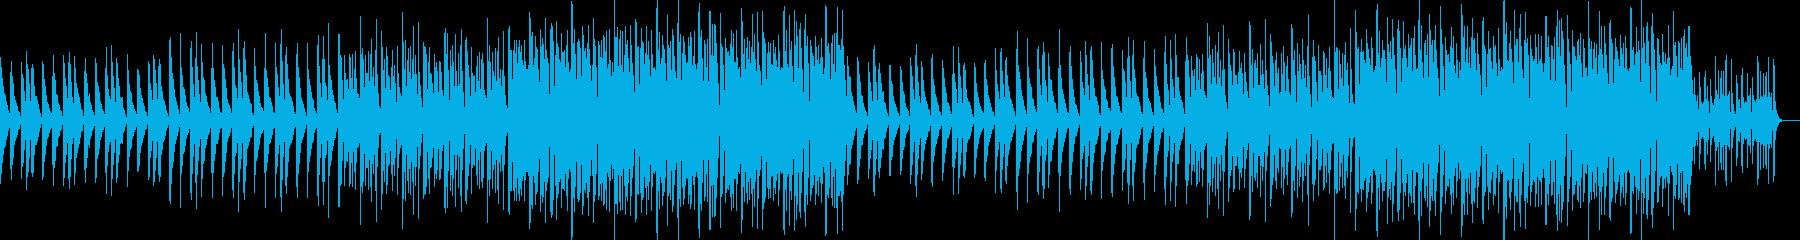 かわいい、ゆるい、コミカル-08の再生済みの波形